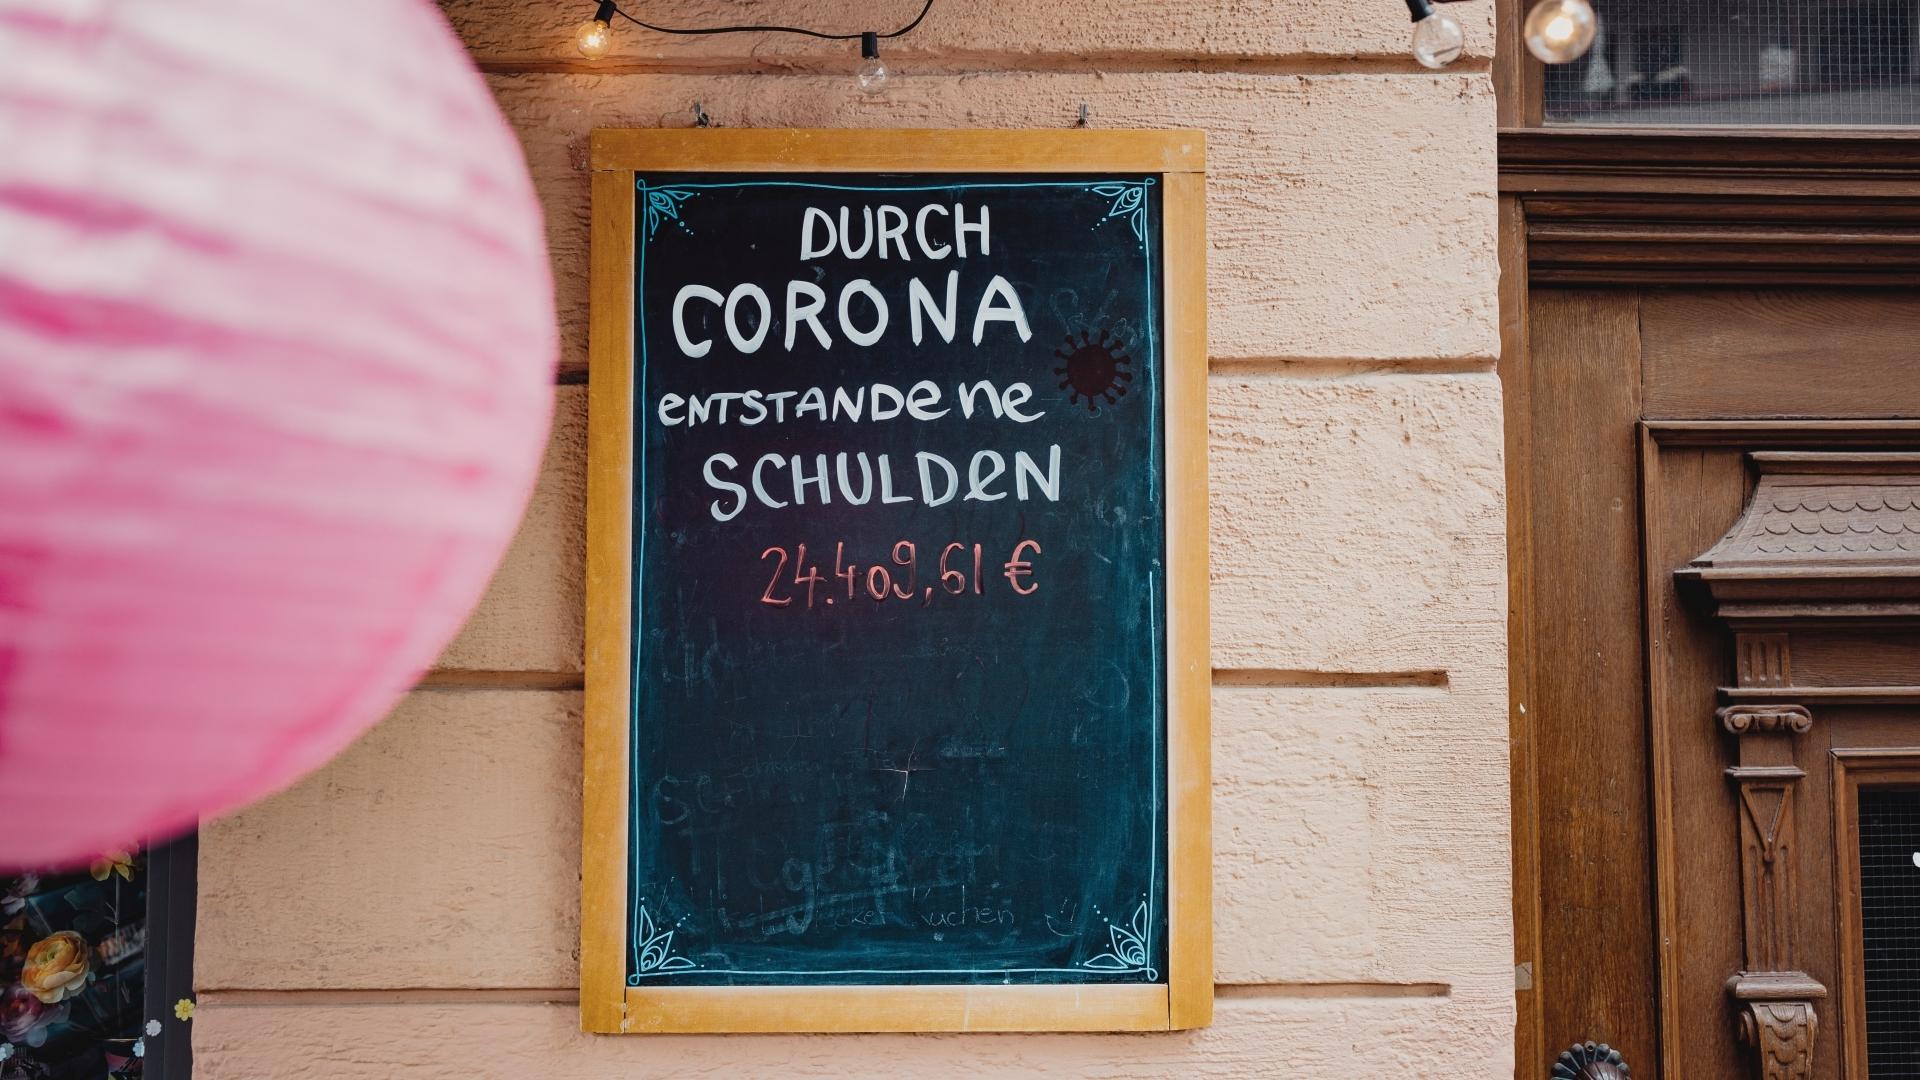 Aufnahmen von Gastronomiebetreibern während der Corona-Krise im Sommer 2020 in München für eine Blogeintrag des Münchner Fotografen Steins Pictures über die prekäre Lage der Müncher Gastronomiebetriebe.